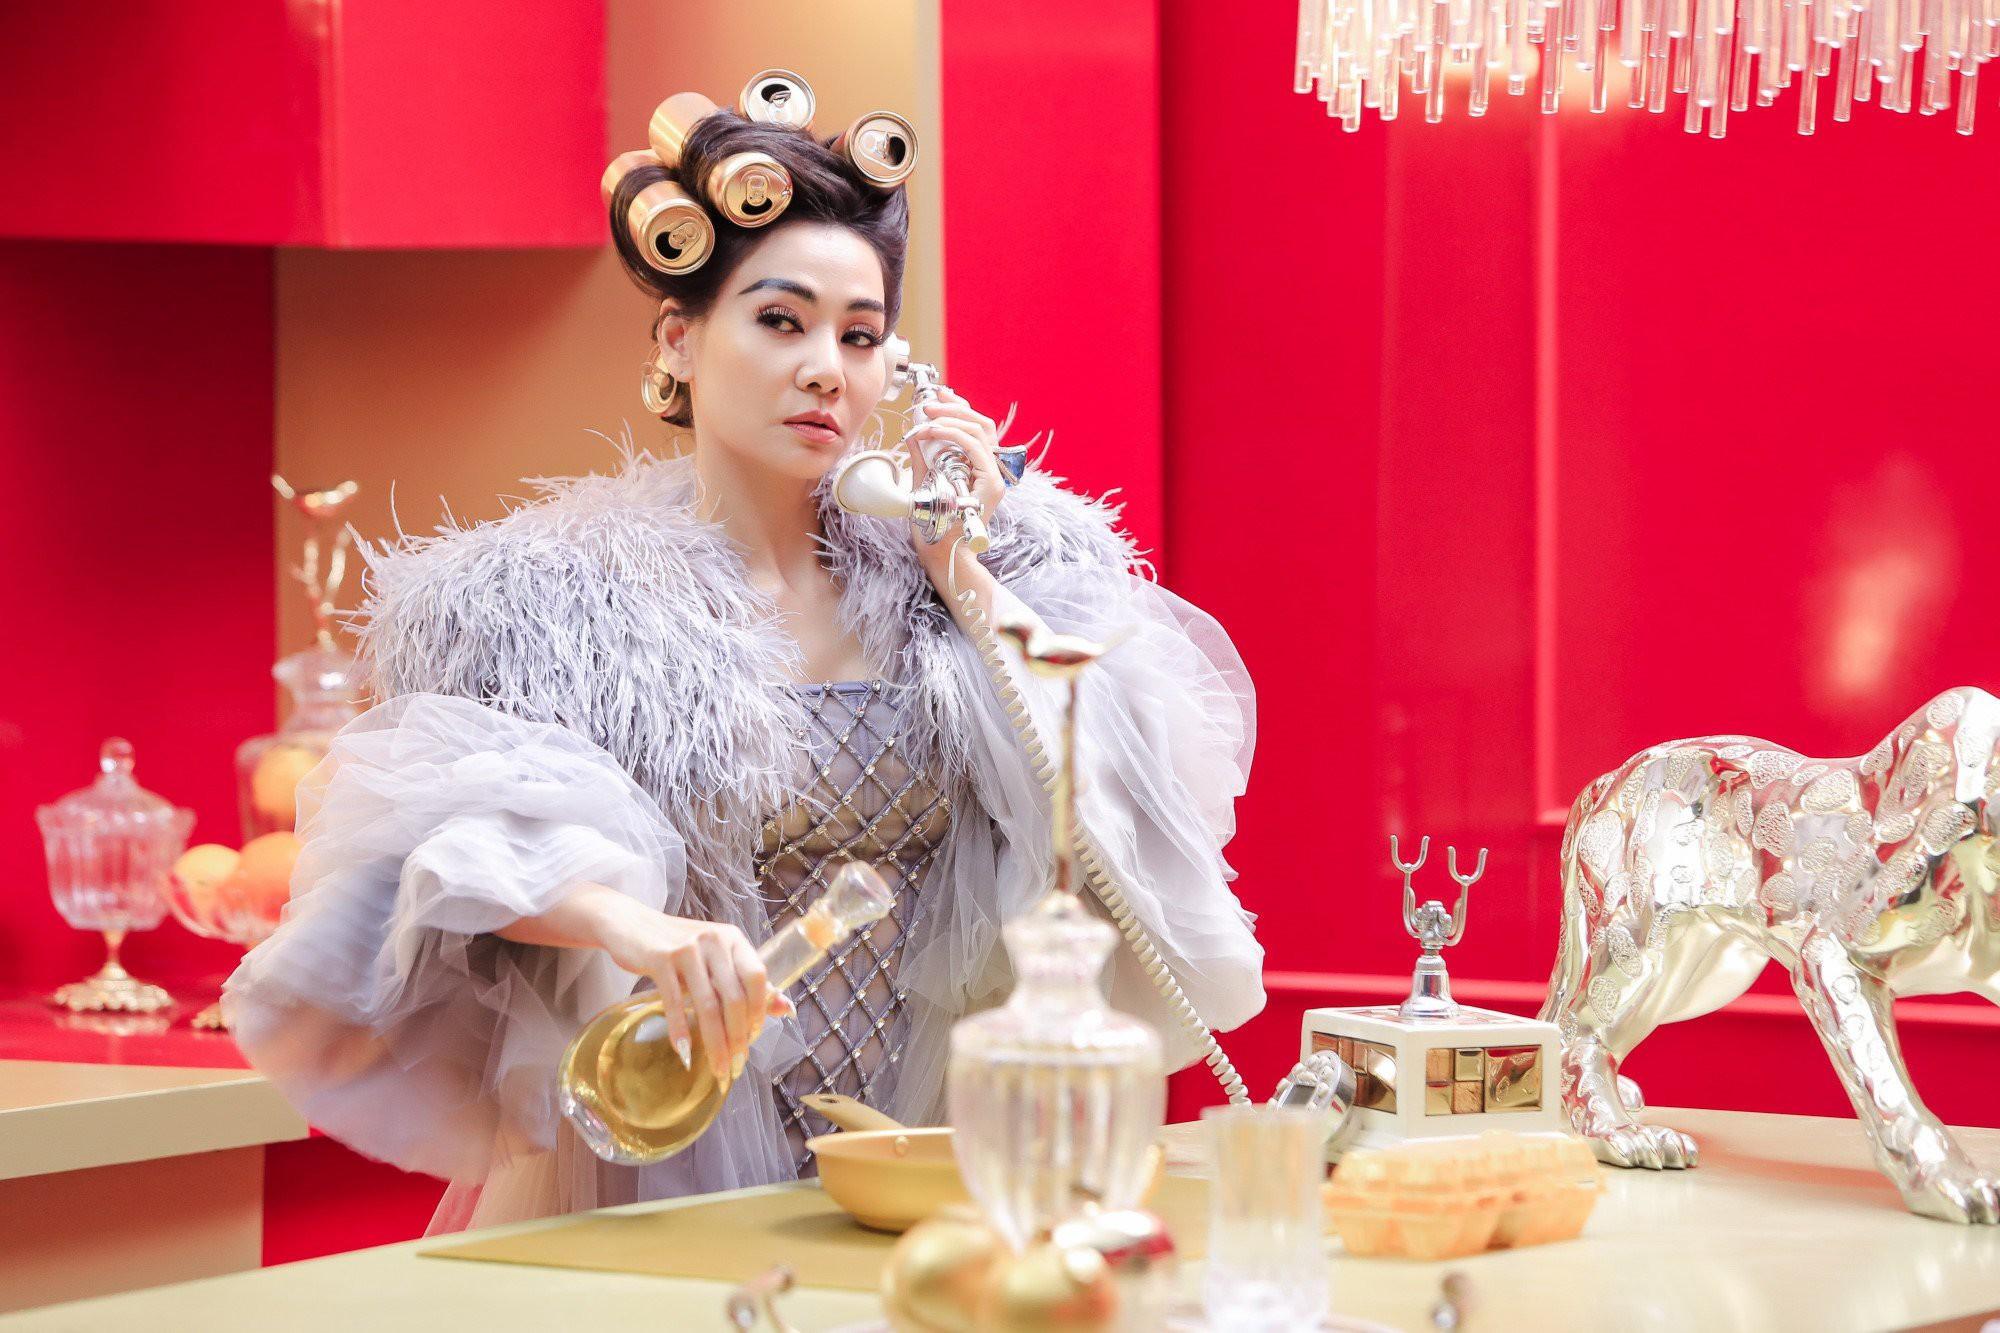 """Nhạc sĩ khiến Thu Minh gây tranh cãi: """"Thu Minh là Diva, ăn chay thì đừng phán xét việc người khác ăn thịt"""" - Ảnh 5."""